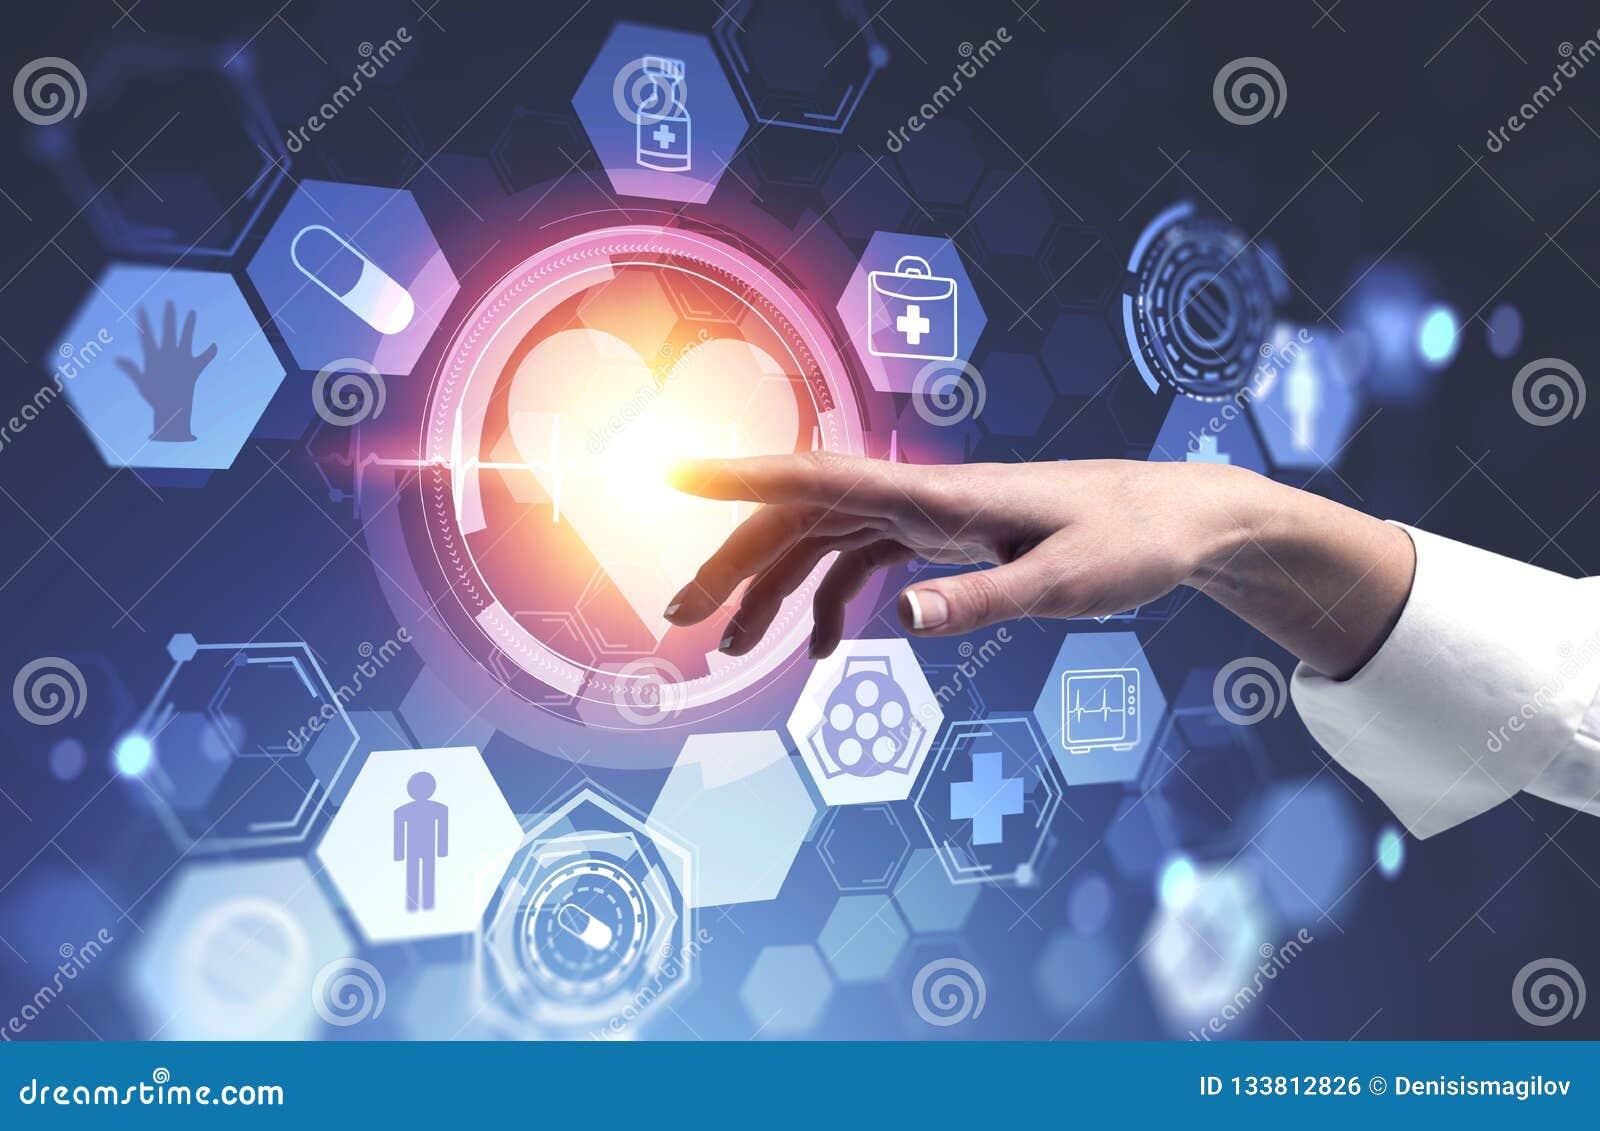 Mano de la mujer usando interfaz médico con el corazón